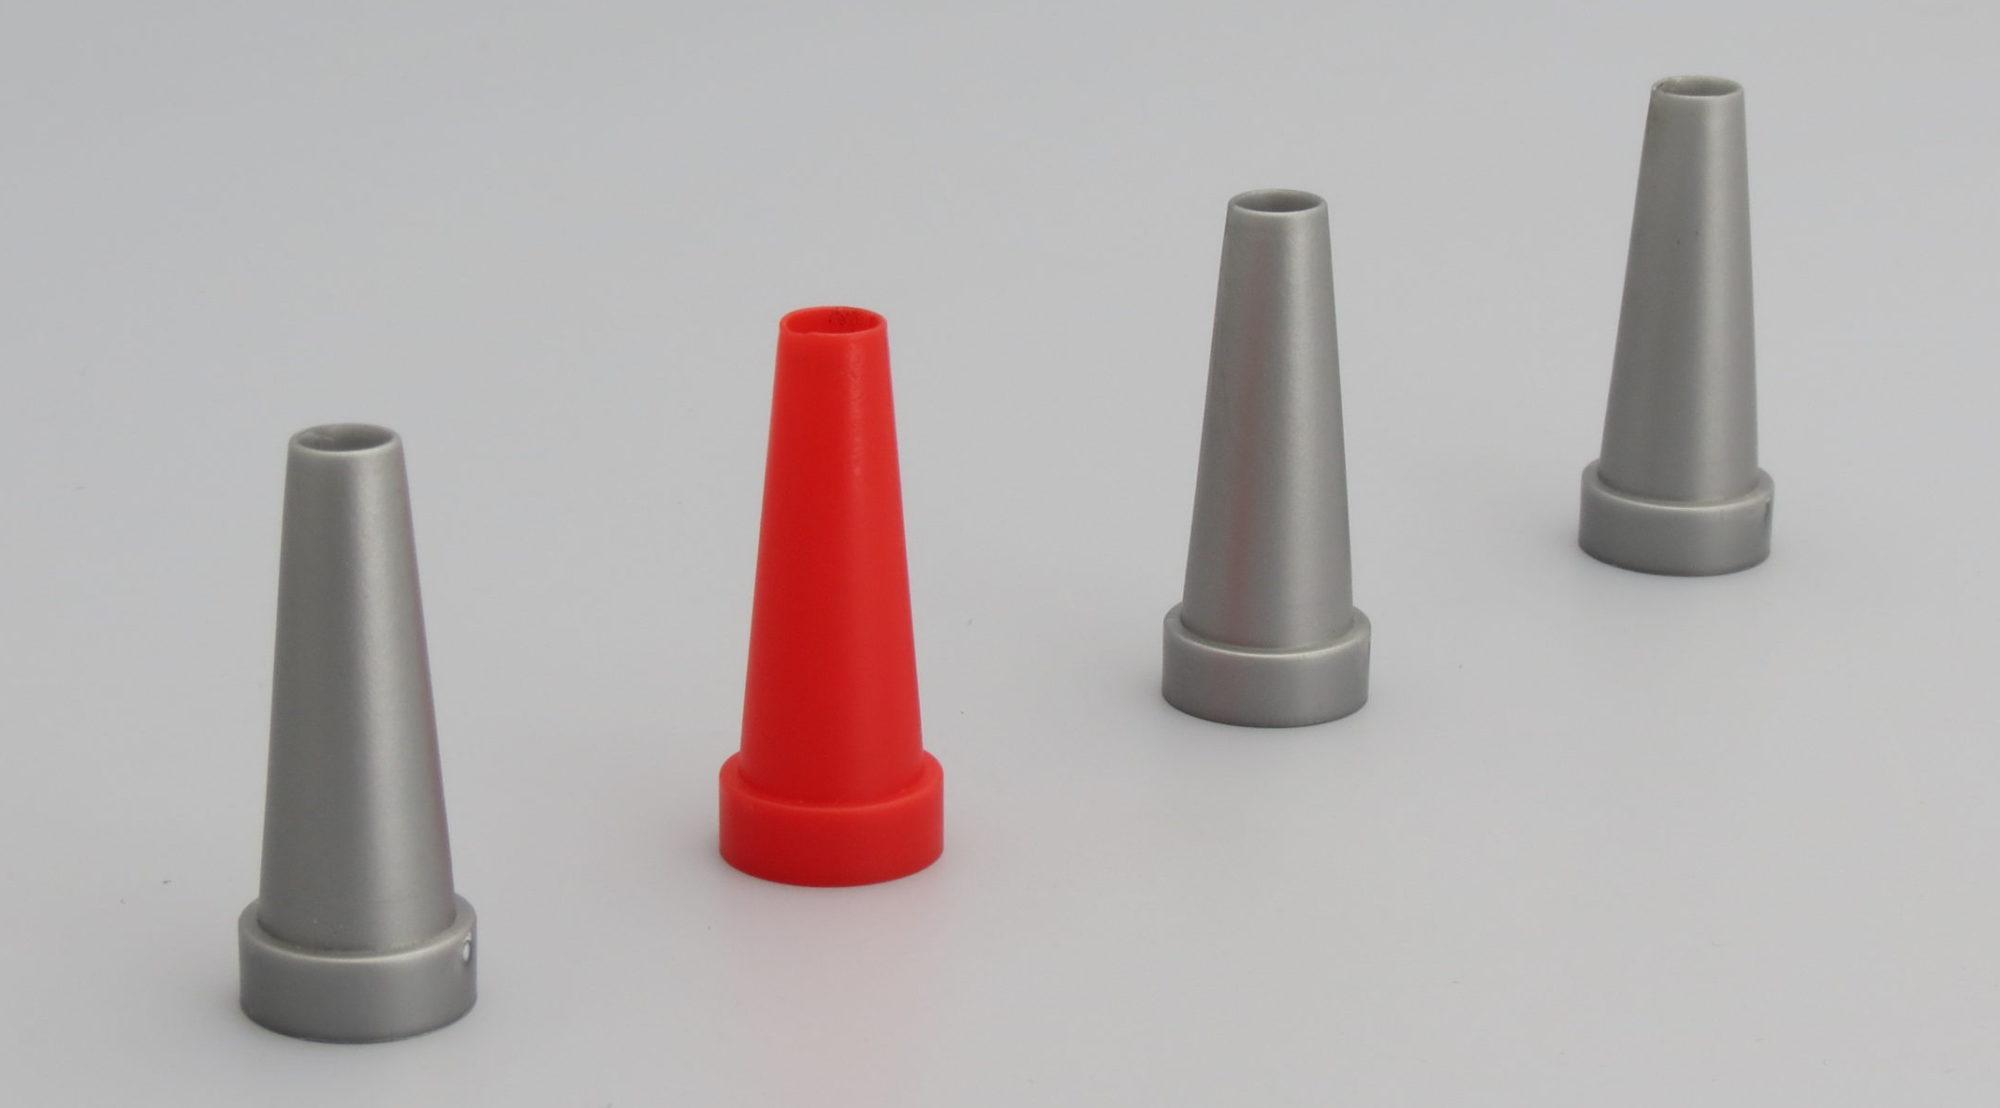 ПластПром - литьё из пластика